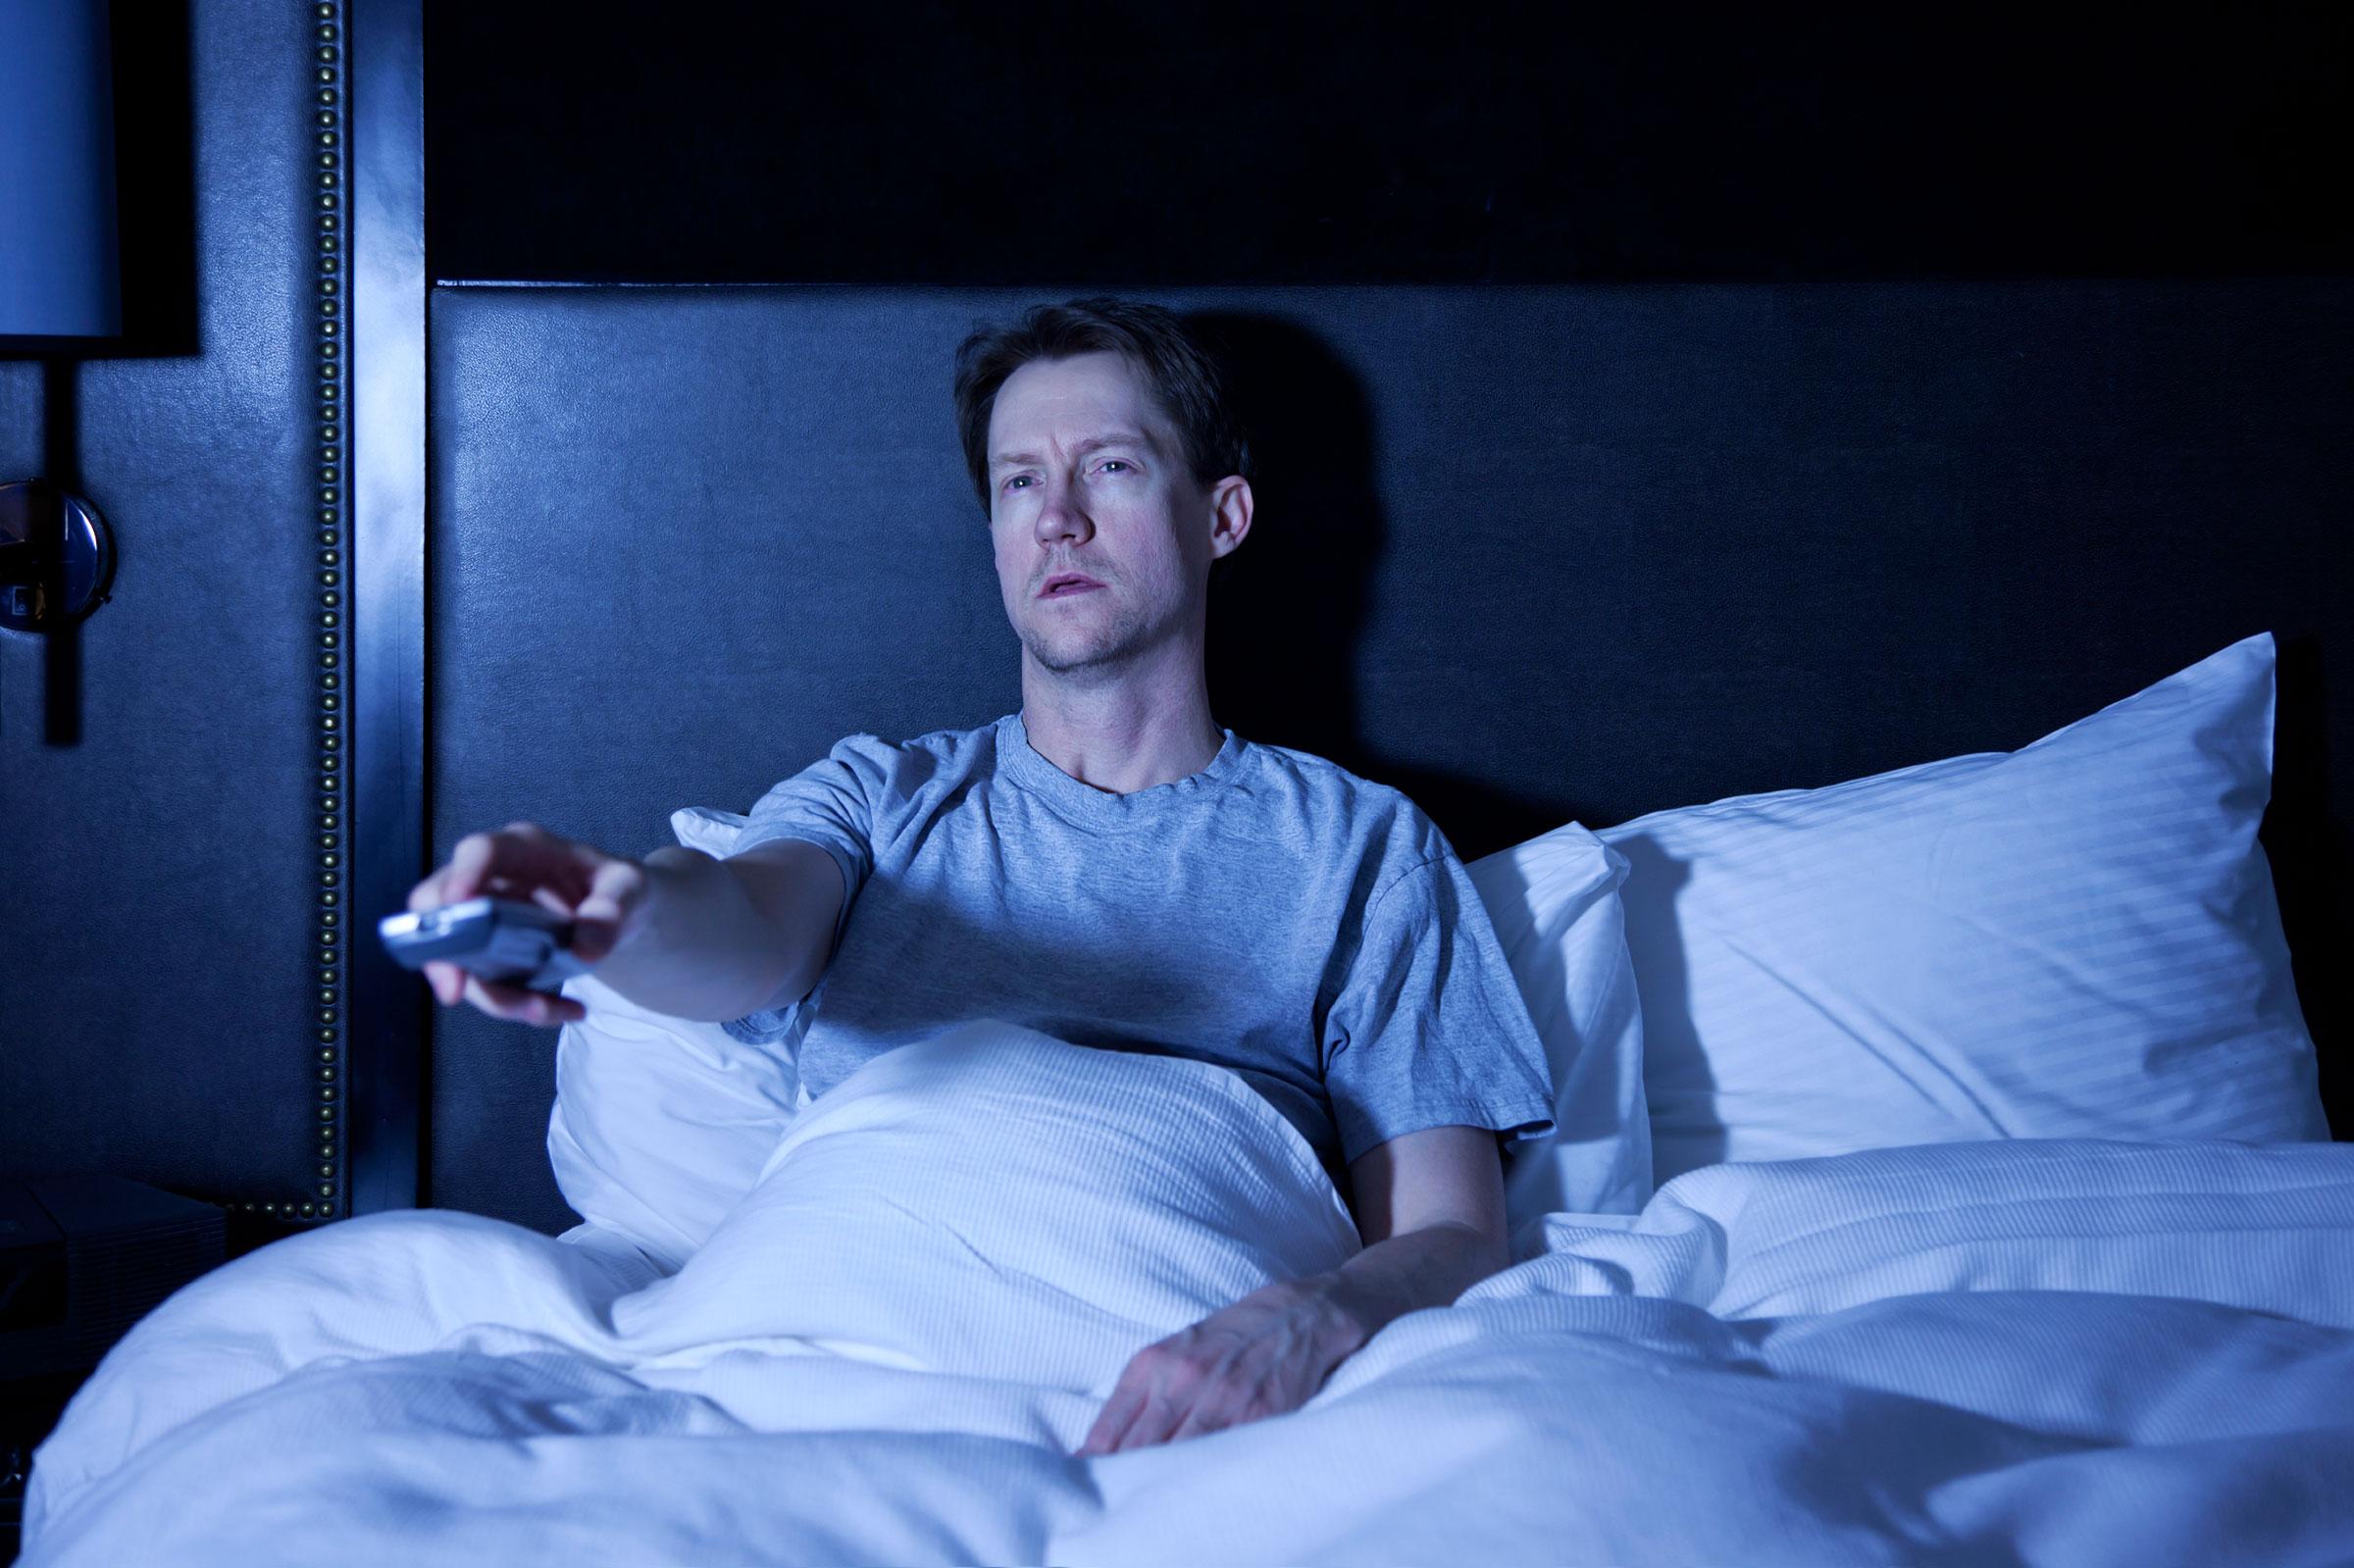 Naukowcy ostrzegają: Włączony telewizor w sypialni przyczynia się do naszej nadwagi